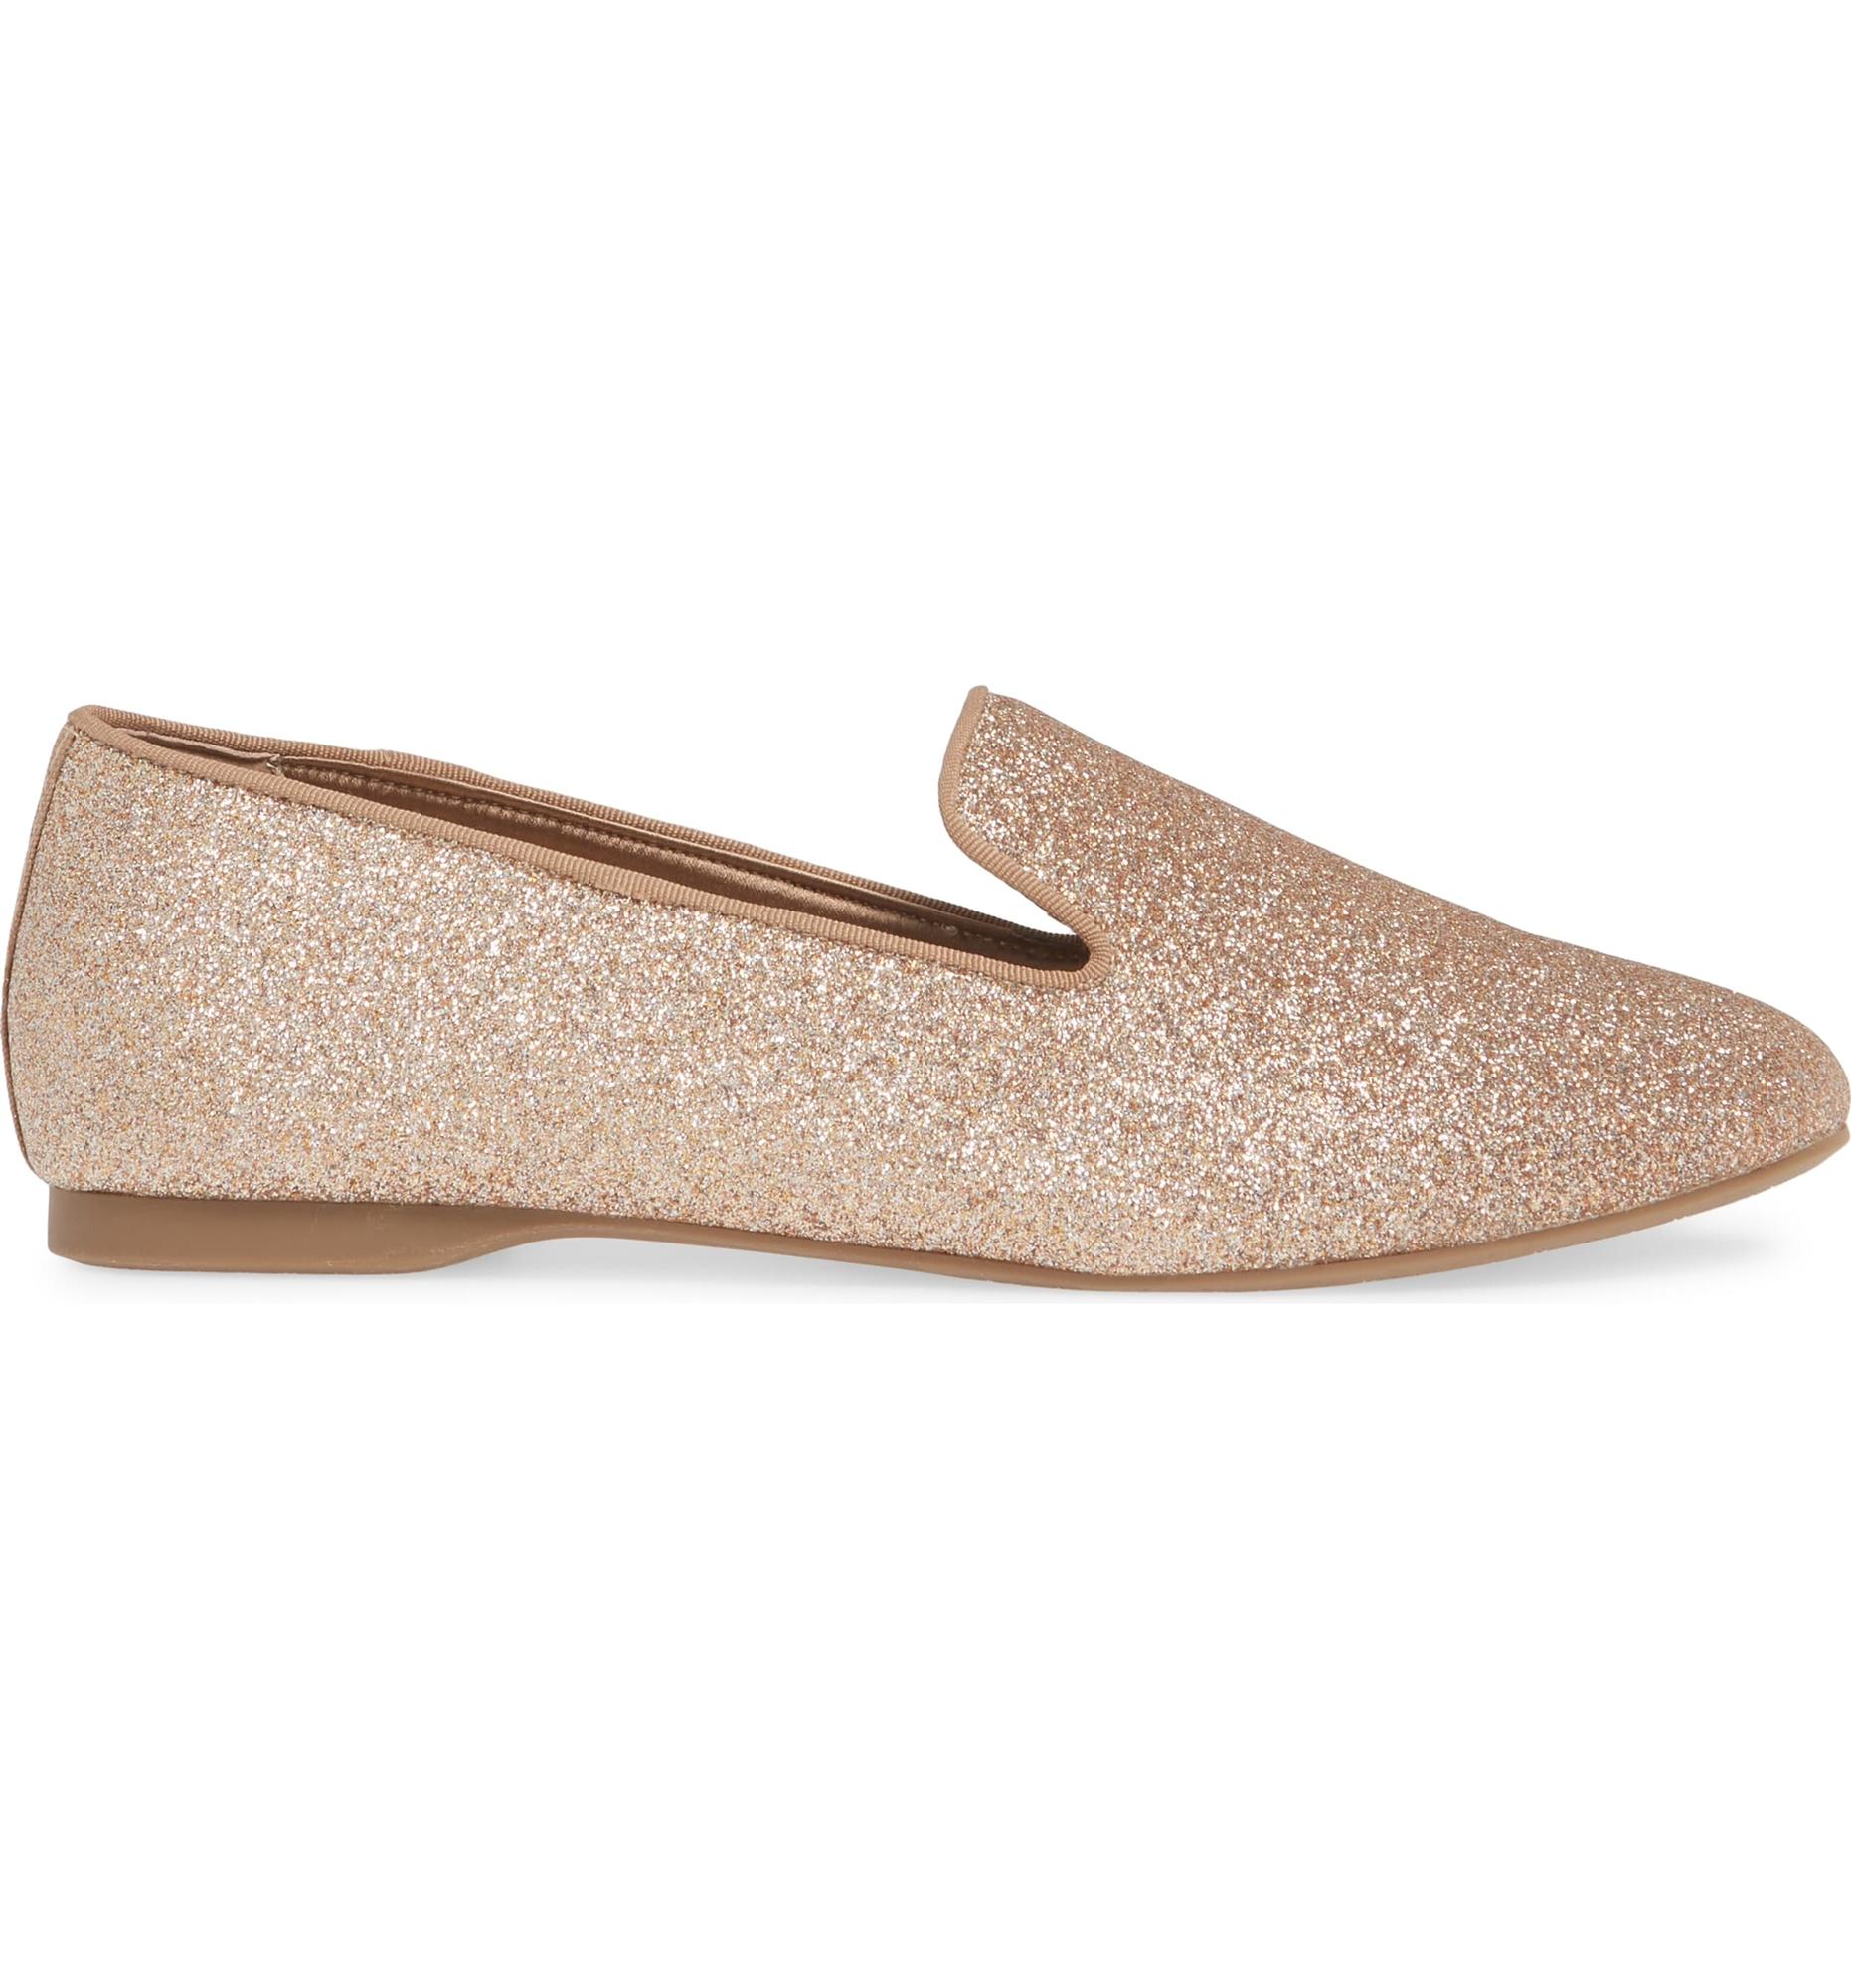 birdies slipper